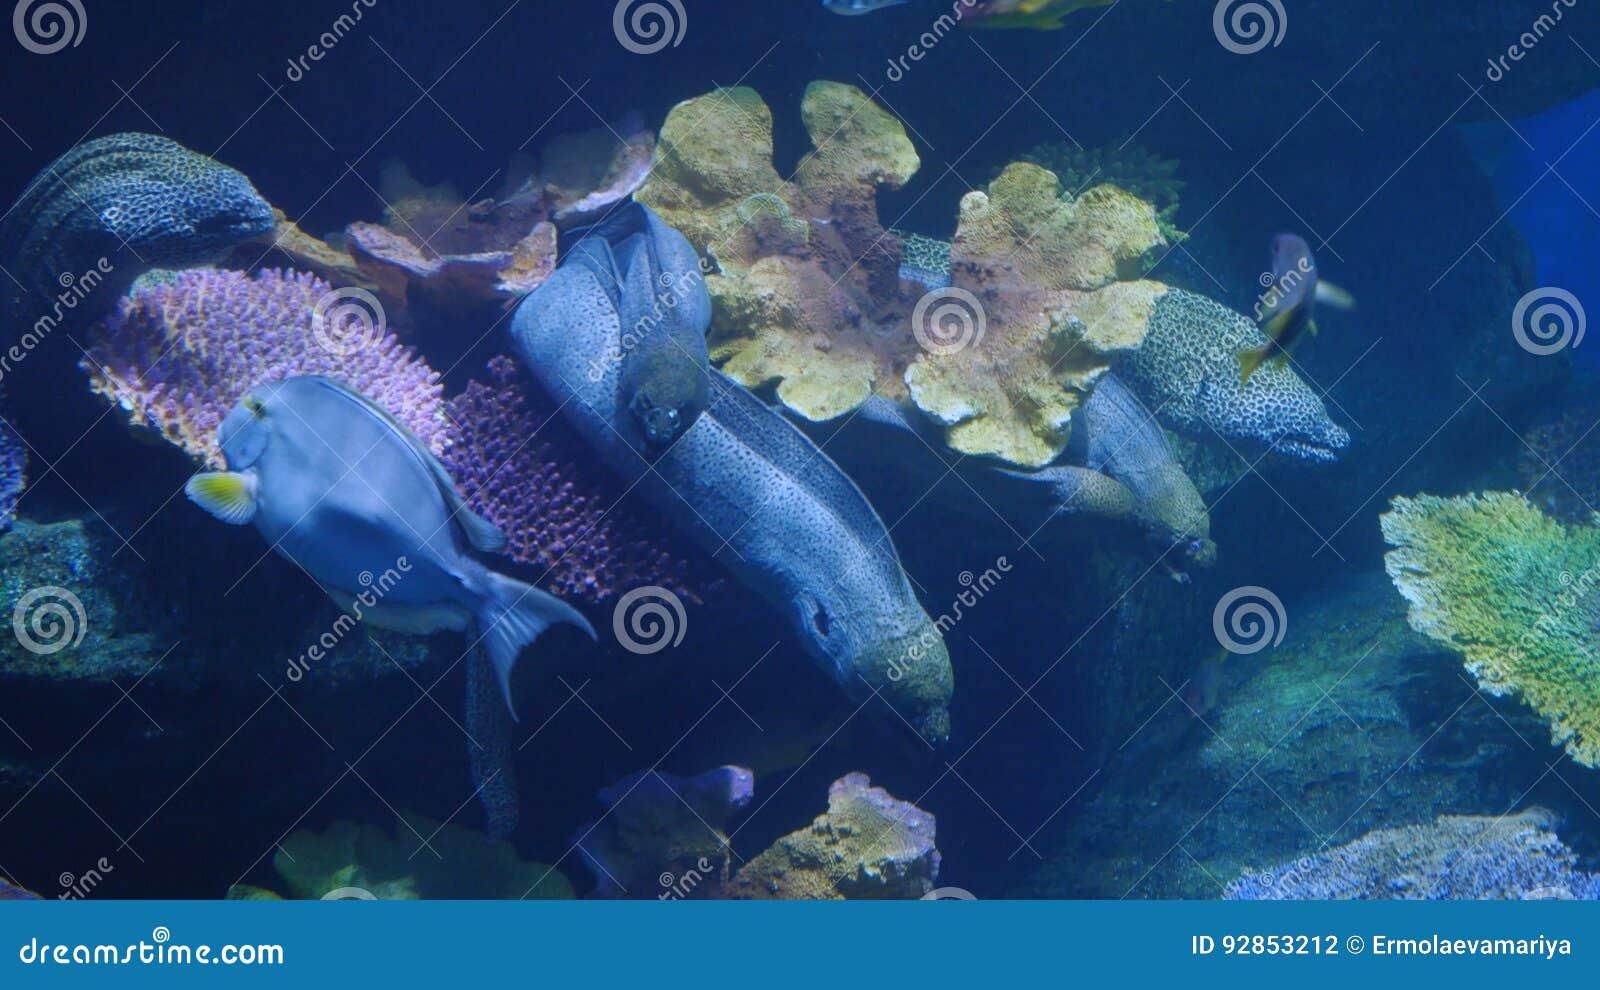 Όμορφος εξωτικός βλέπει τα ψάρια σε ένα ενυδρείο σκηνή υποβρύχια